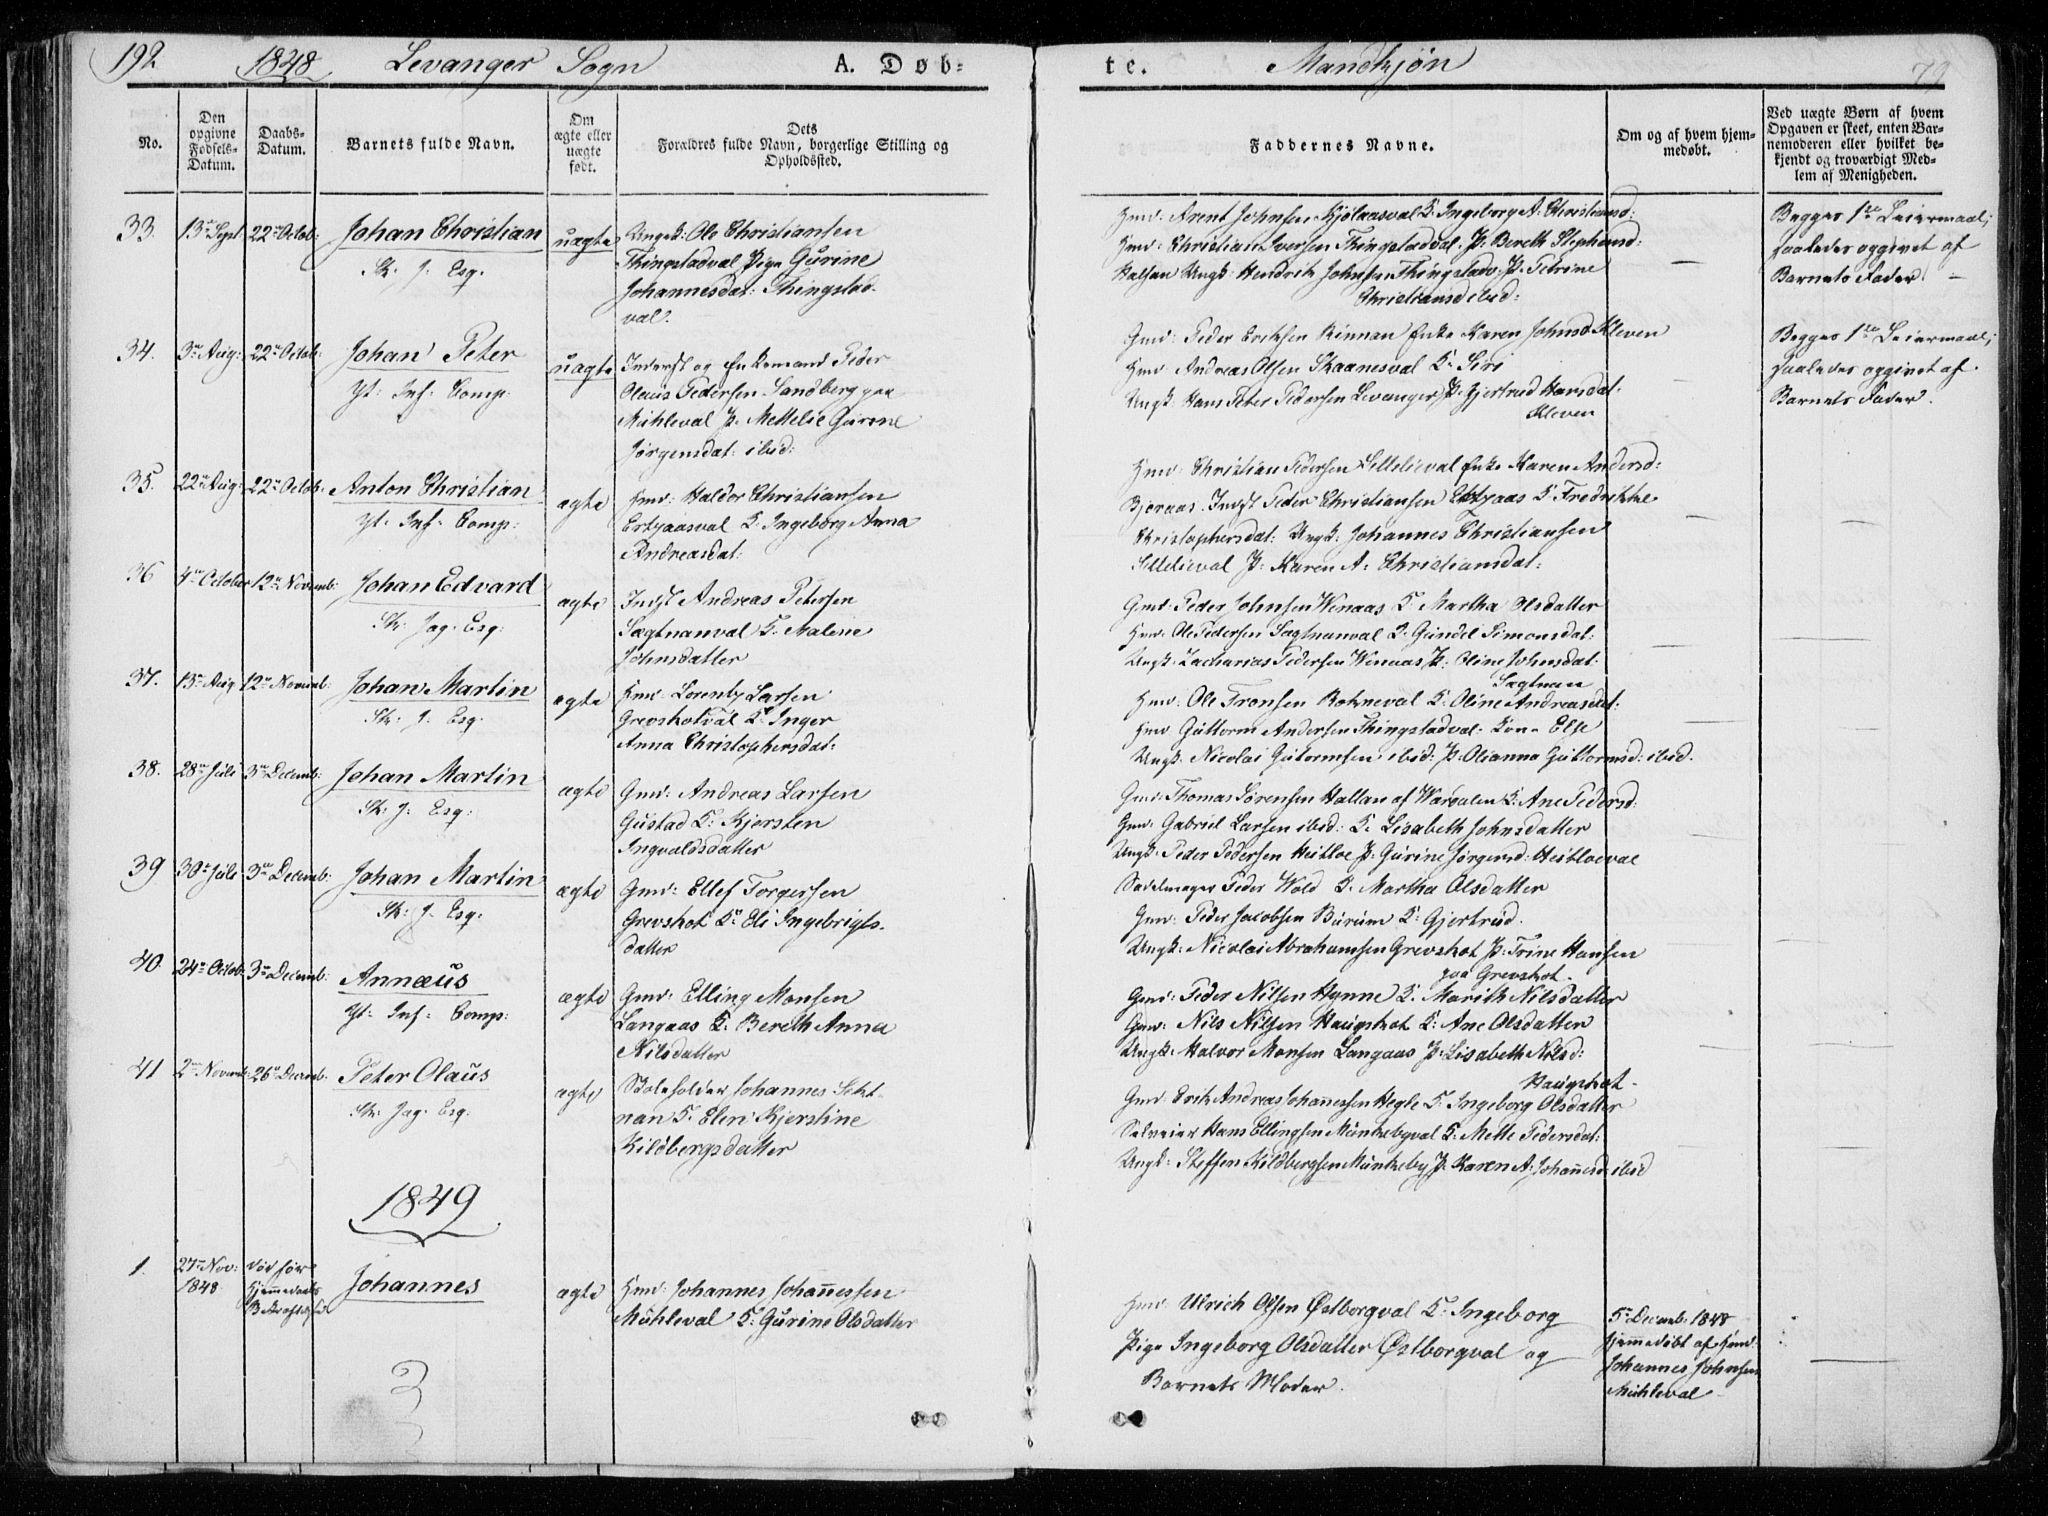 SAT, Ministerialprotokoller, klokkerbøker og fødselsregistre - Nord-Trøndelag, 720/L0183: Ministerialbok nr. 720A01, 1836-1855, s. 79